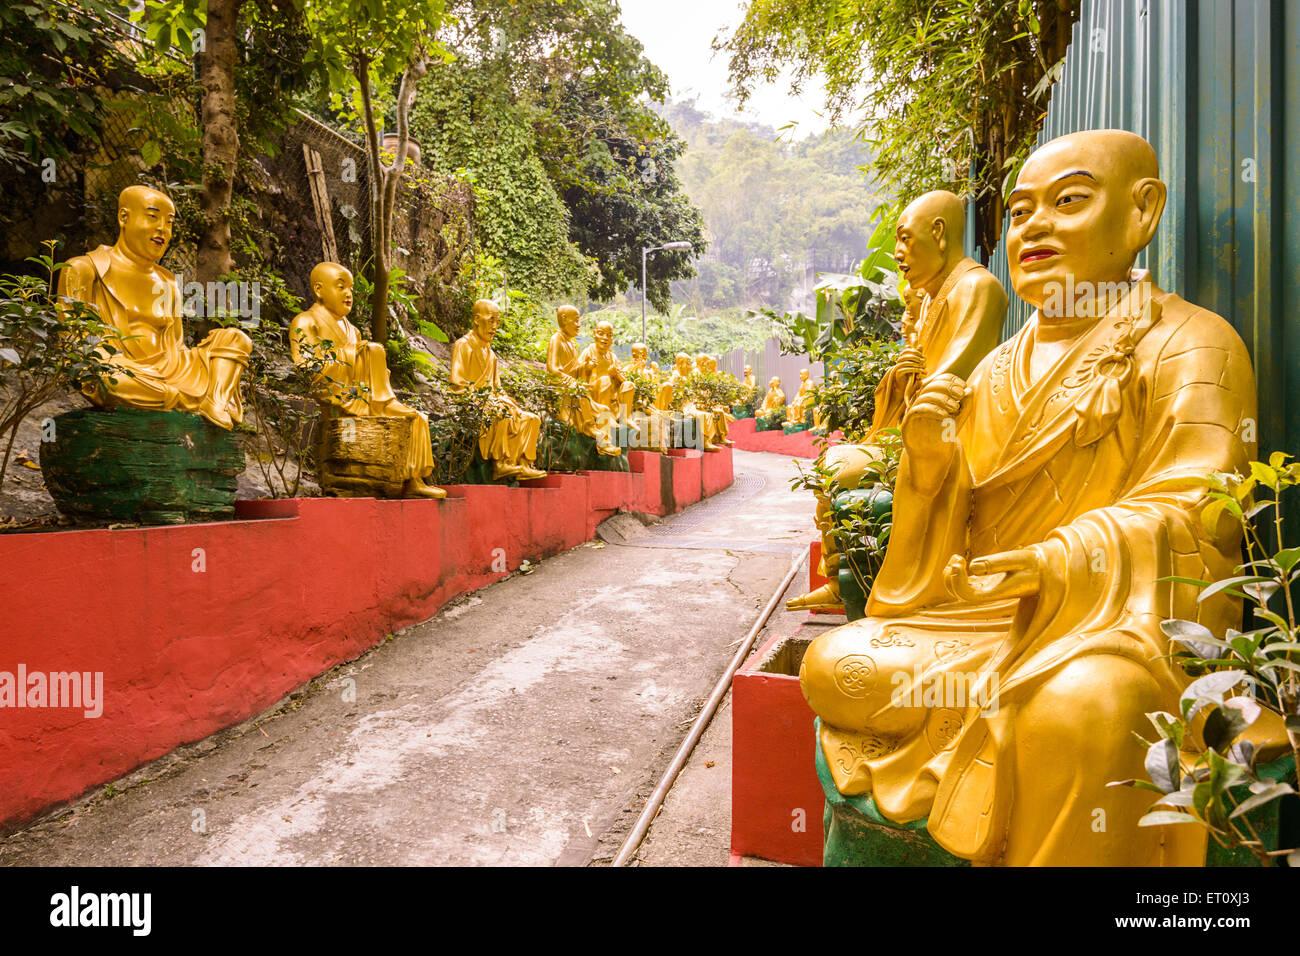 Statues at Ten Thousand Buddhas Monastery in Sha Tin, Hong Kong, China. - Stock Image